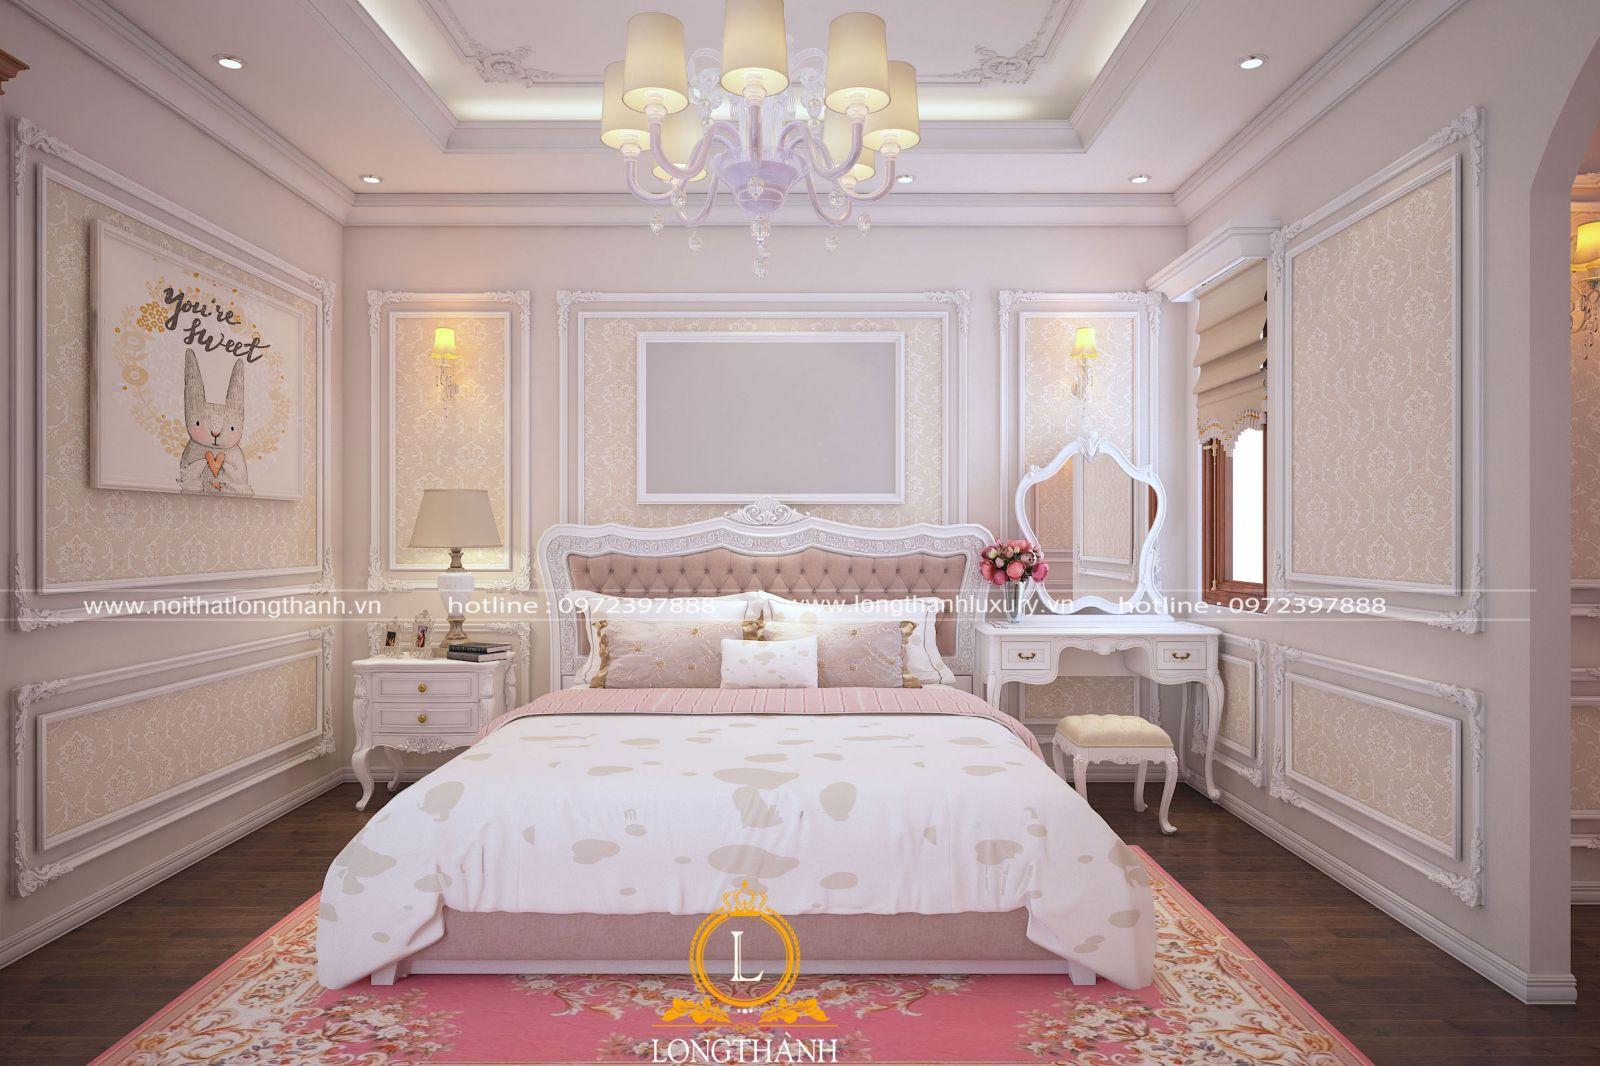 Phòng ngủ trắng sữa đẹp tinh tế